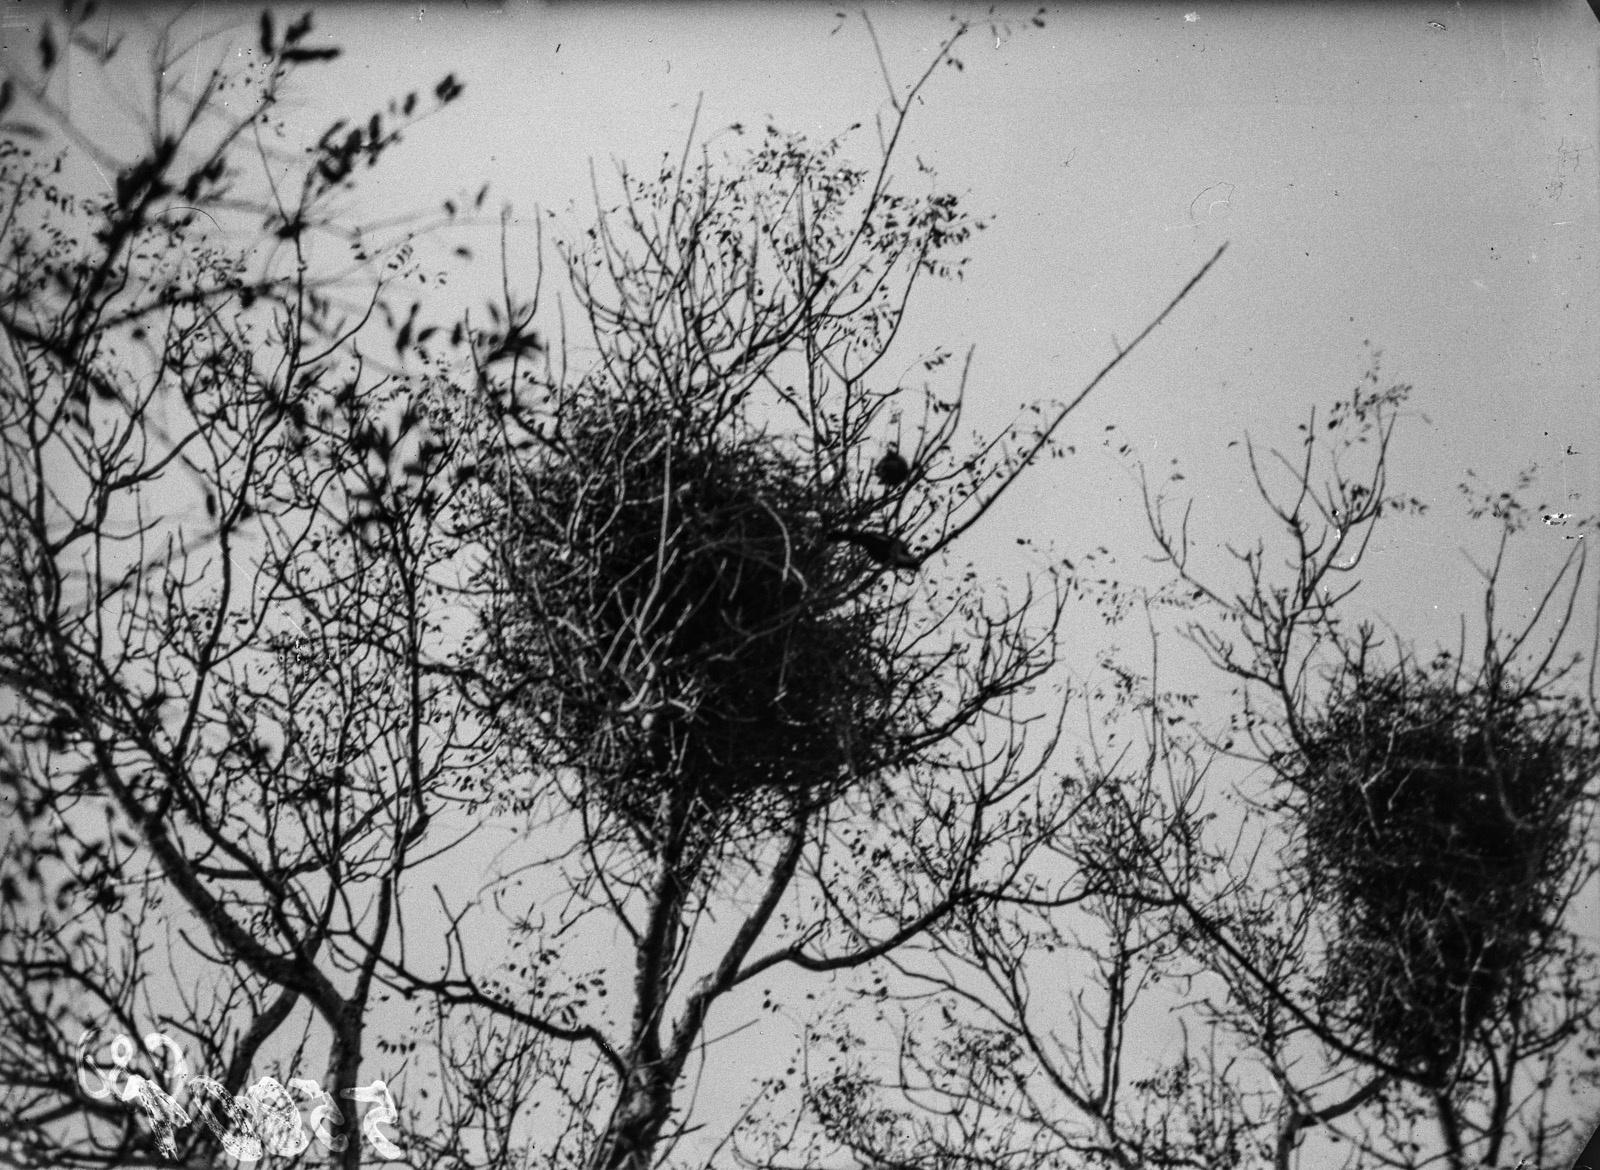 Национальный парк Крюгера. Птичье гнездо